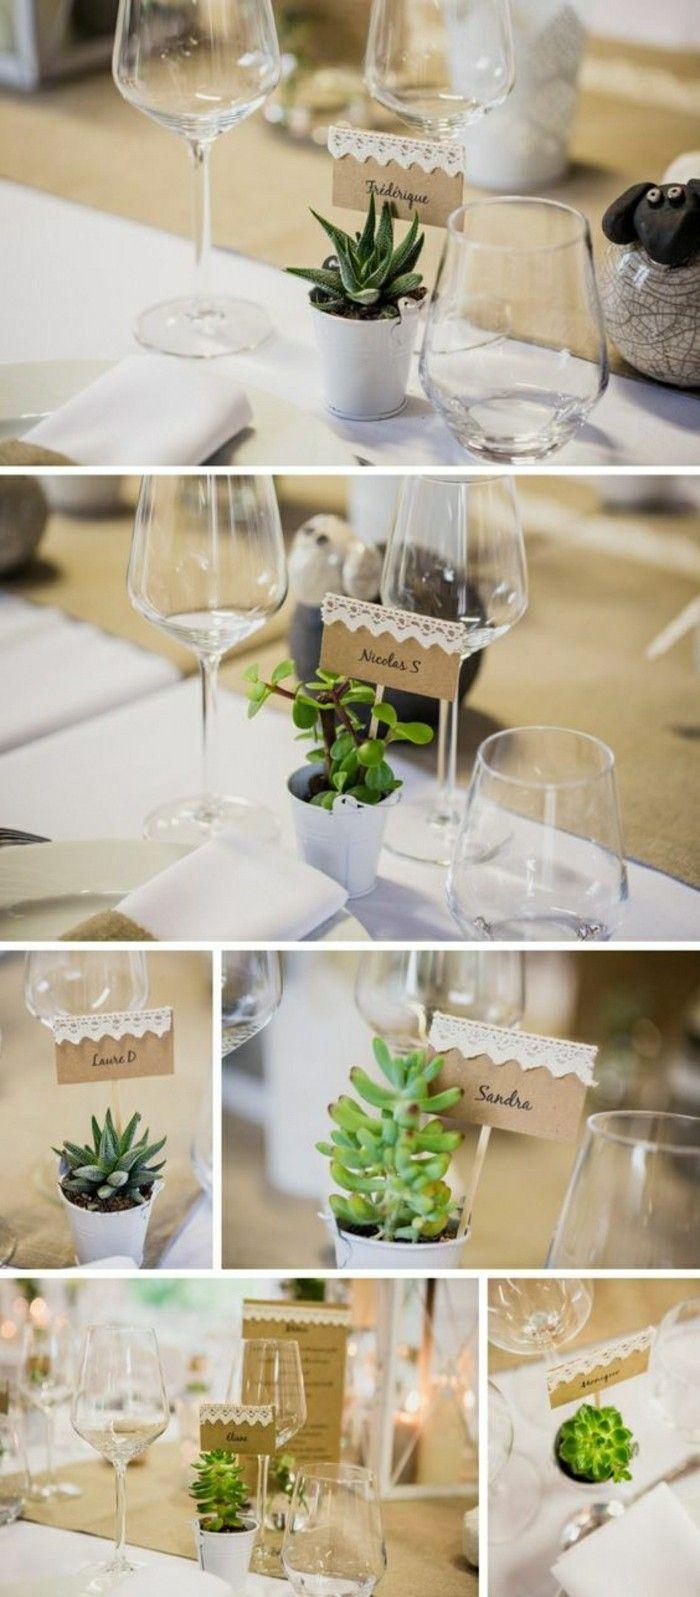 decoration avec plantes vertes, comment decorer la table de mariage avec petites…